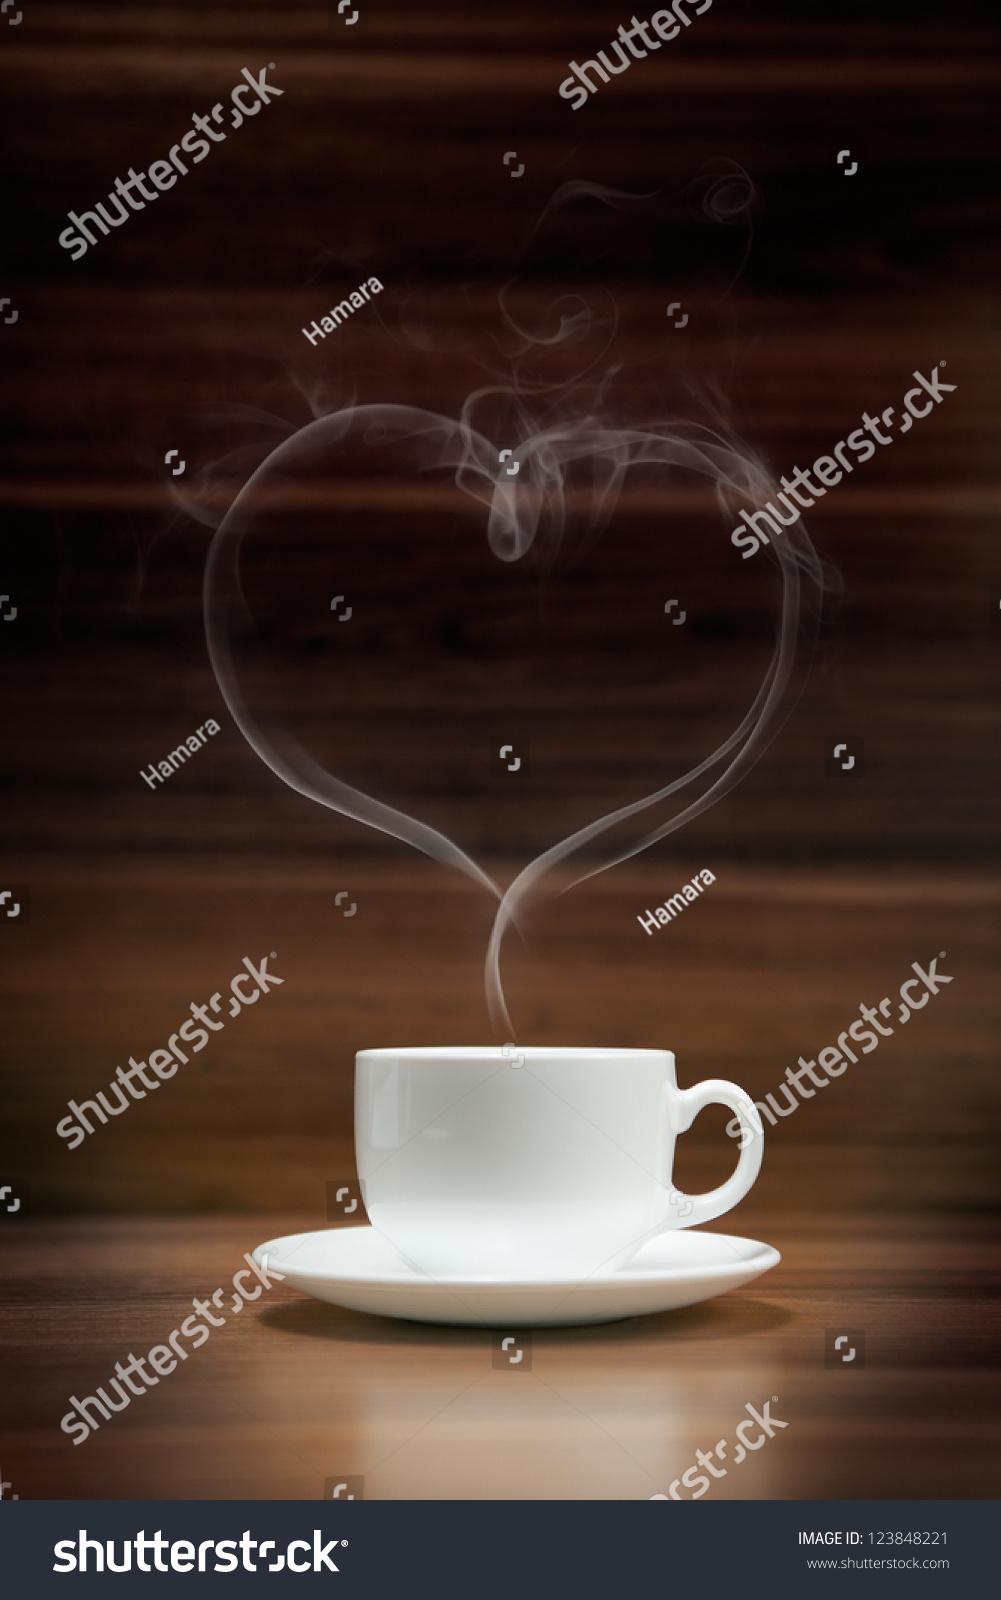 一杯咖啡和心形的烟黑木头背景